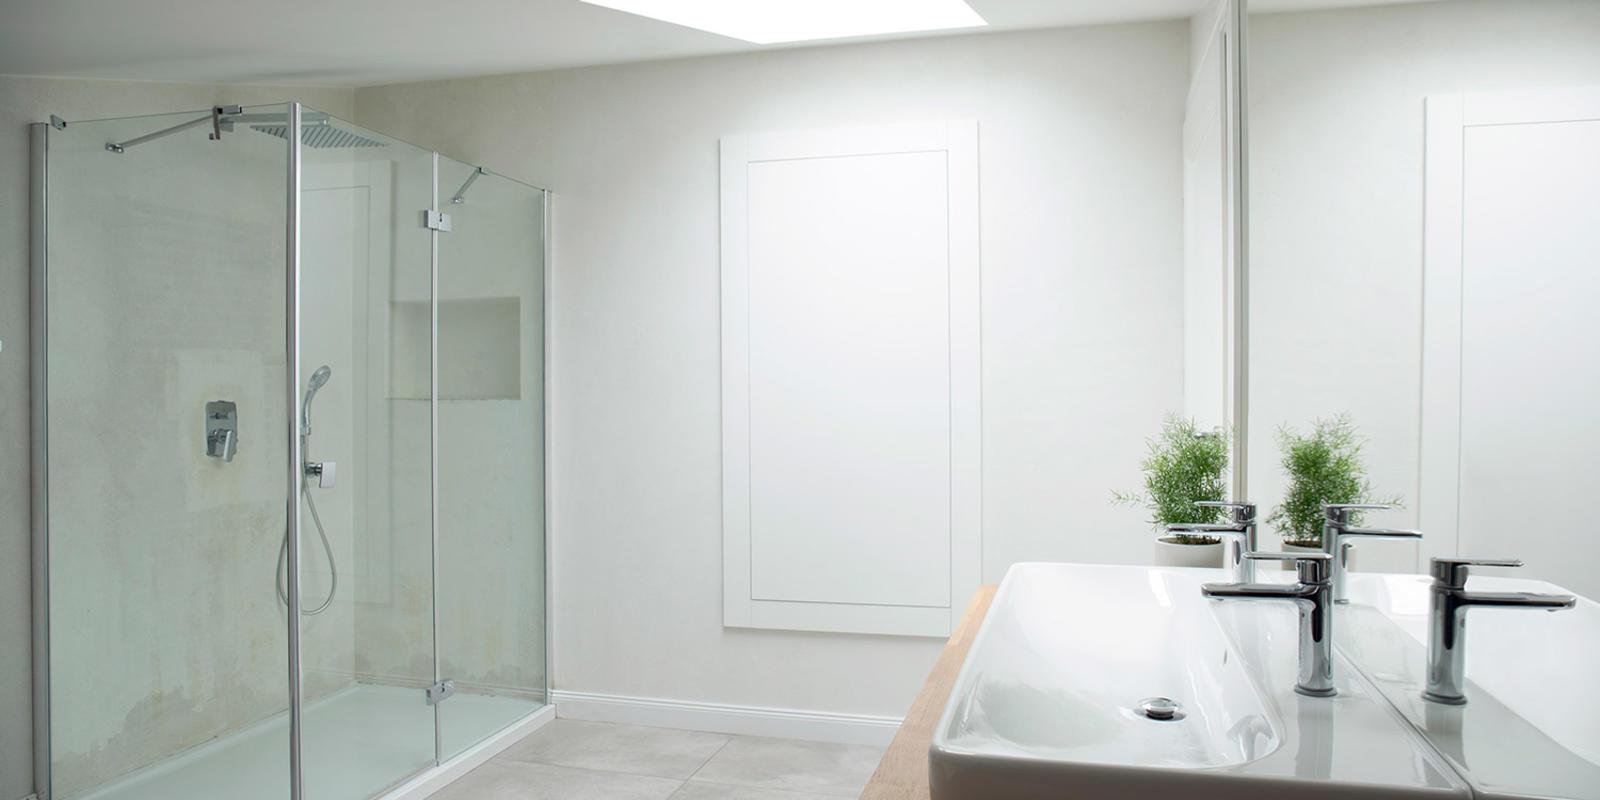 volgorde badkamer verbouwen